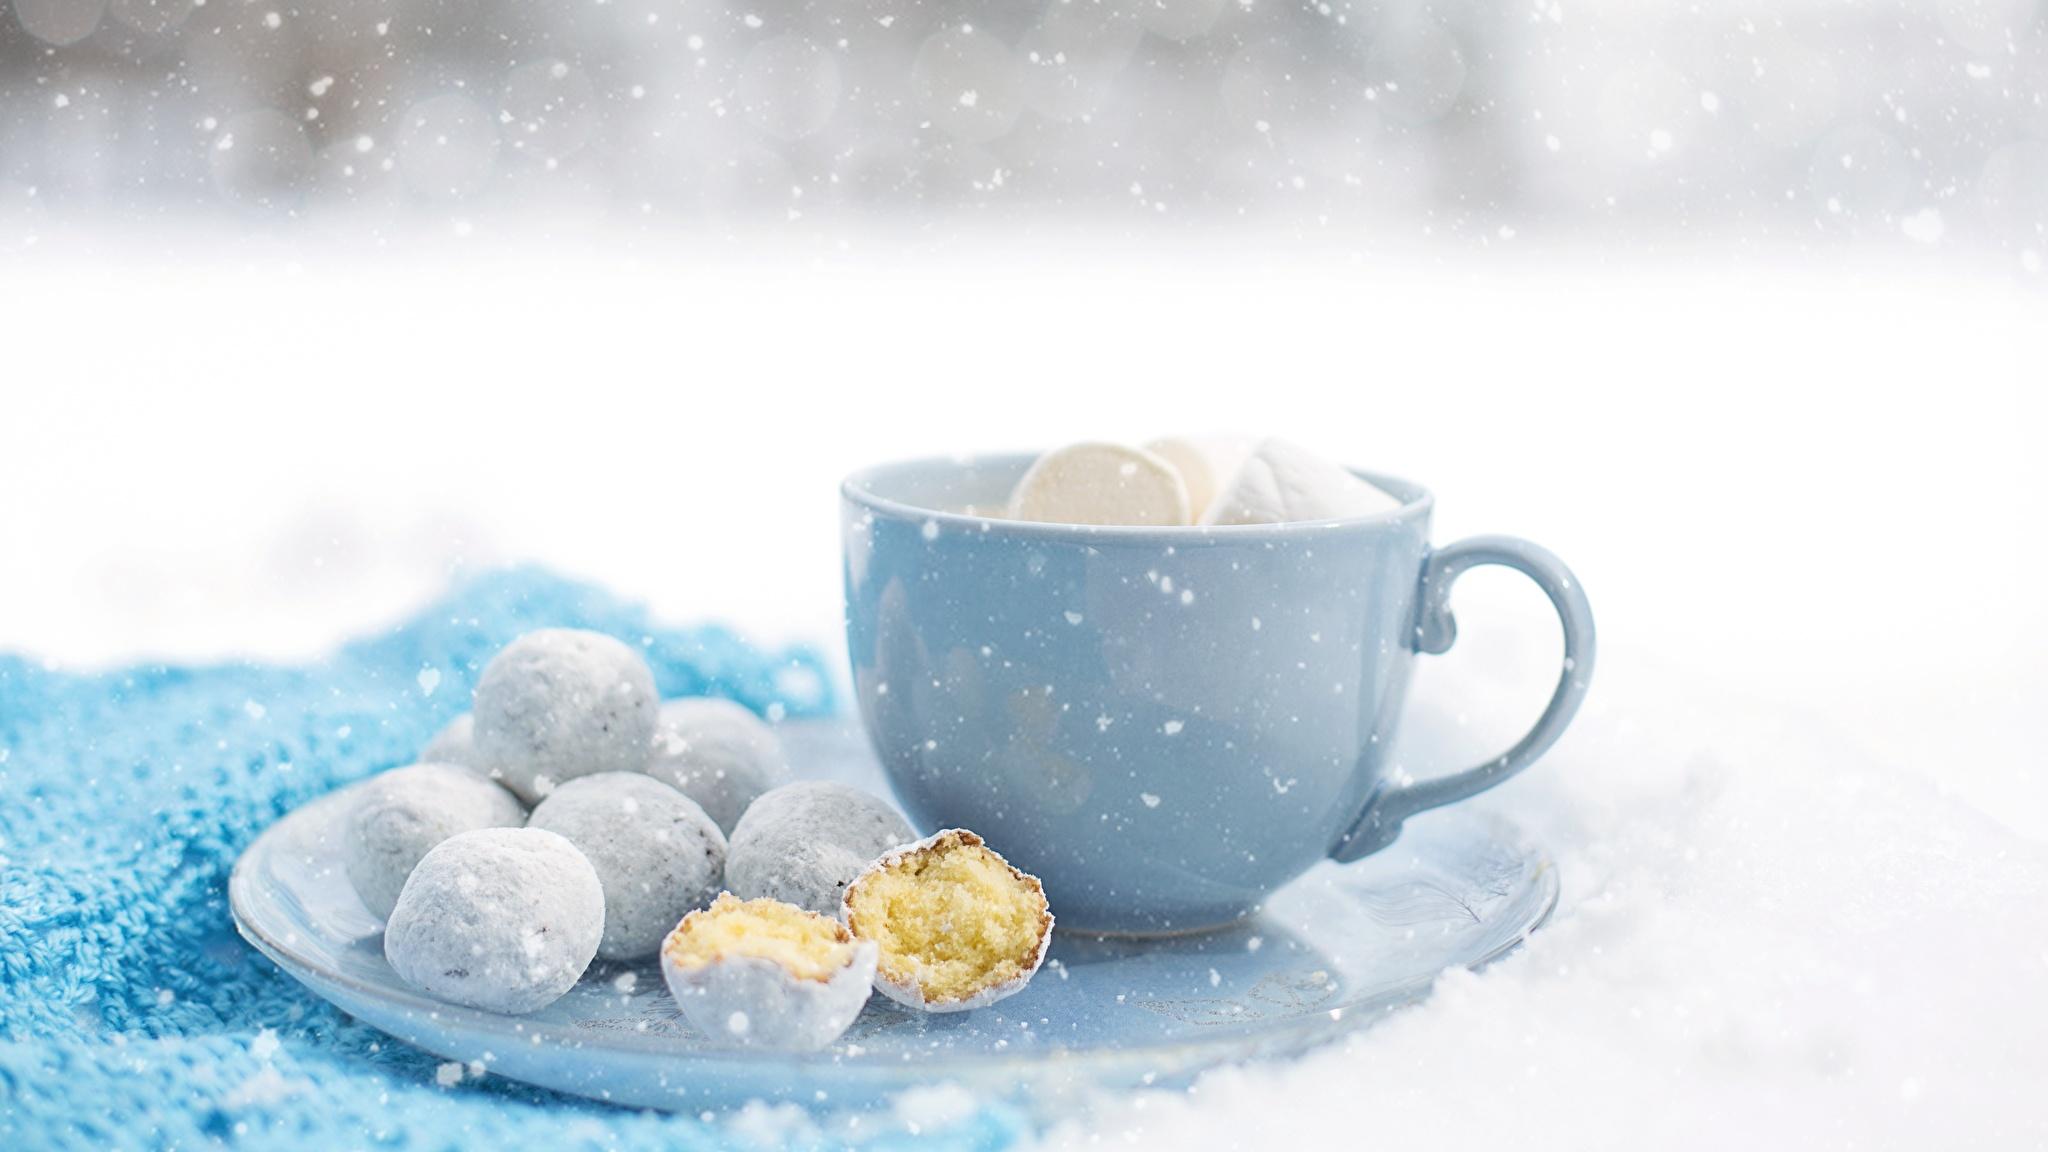 Картинка снежинка Еда чашке Печенье 2048x1152 Снежинки Пища Чашка Продукты питания